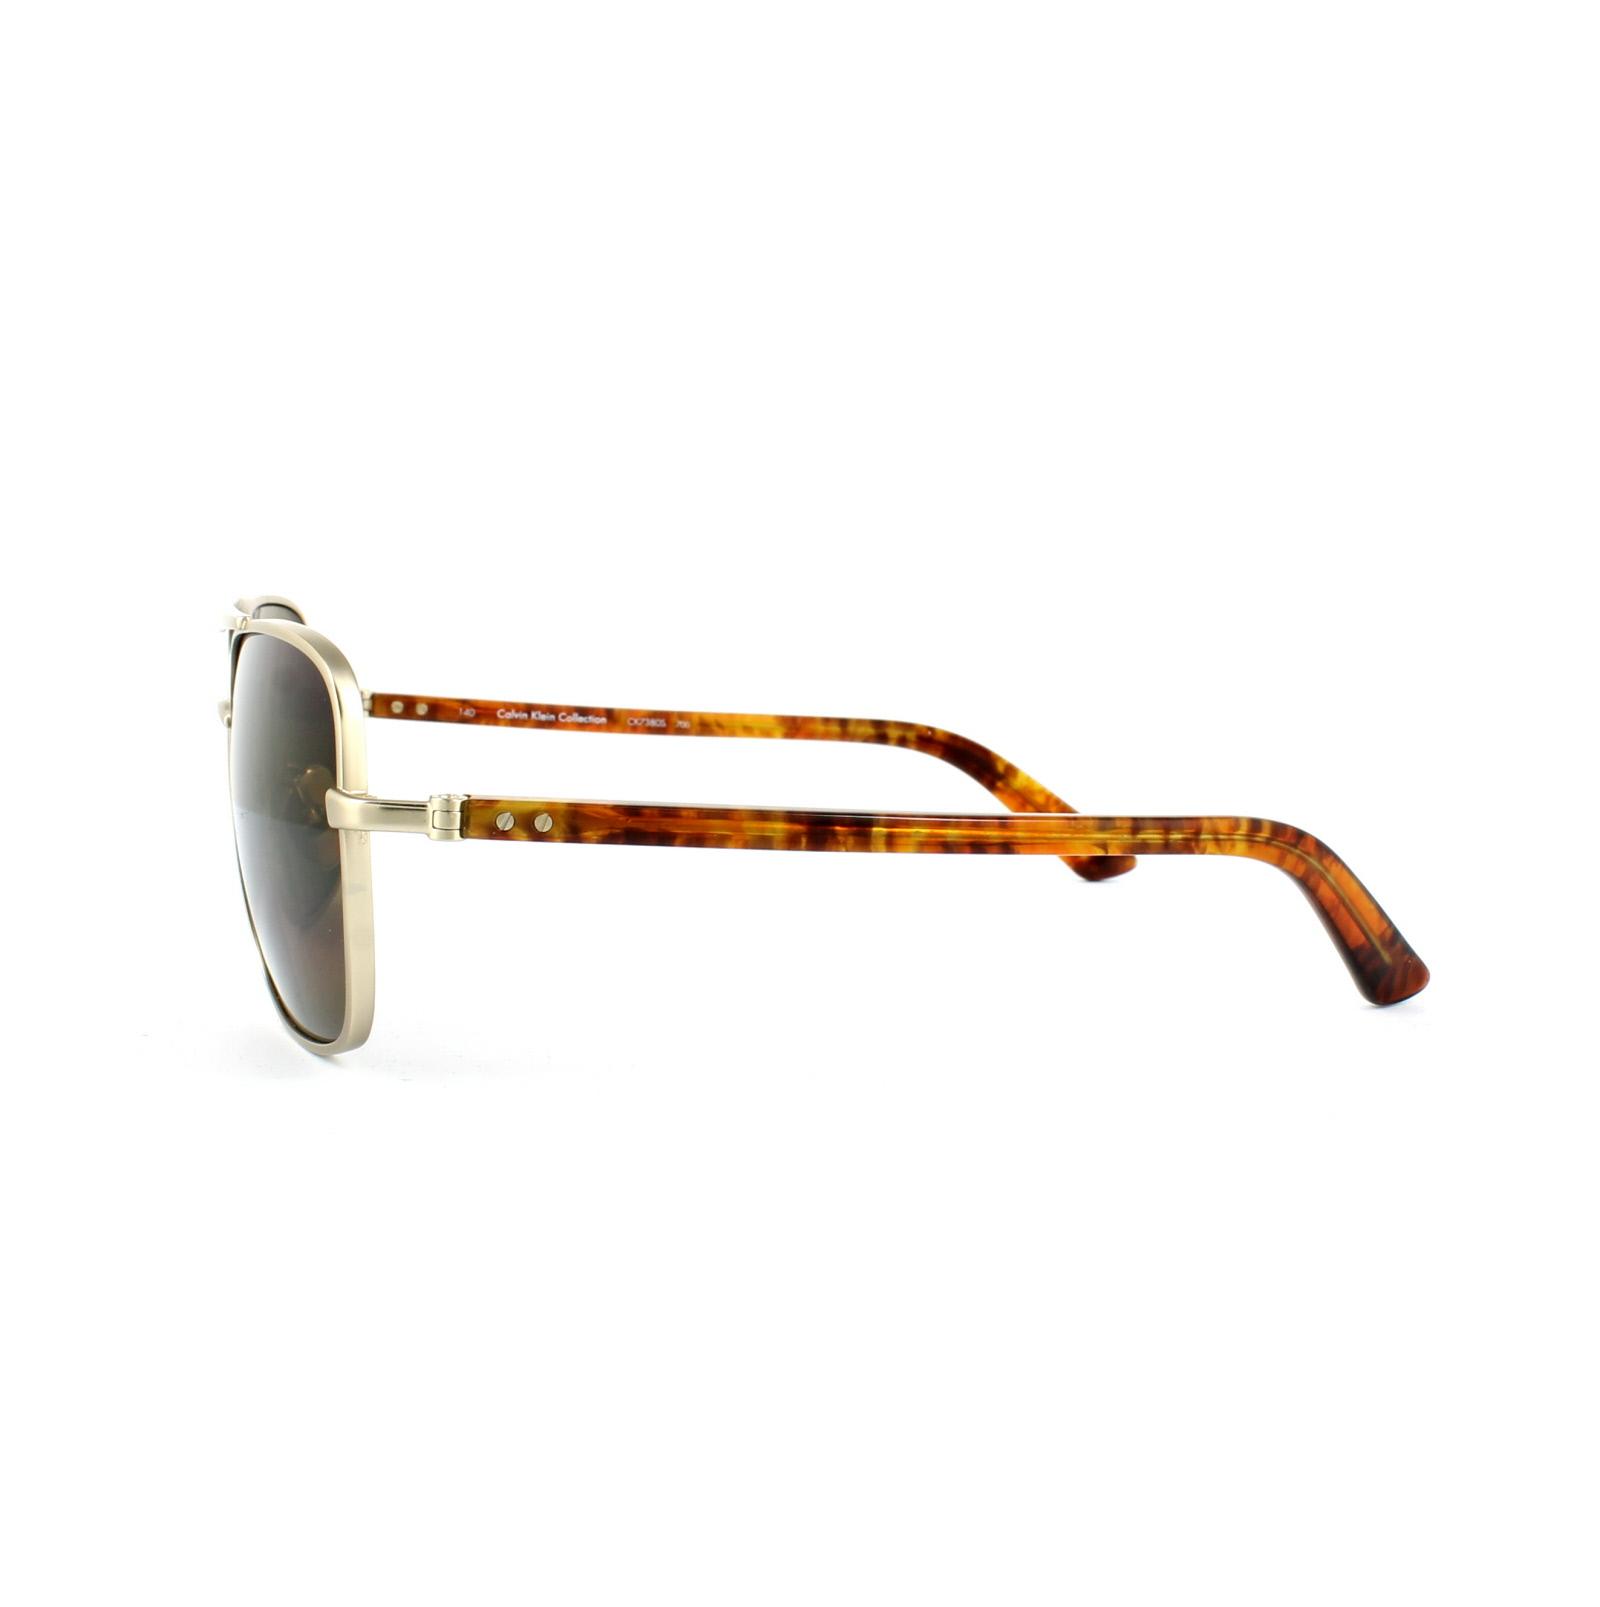 80fa765ac1d Calvin Klein Sunglasses CK7380 700 Japanese Gold Brown 750779070758 ...